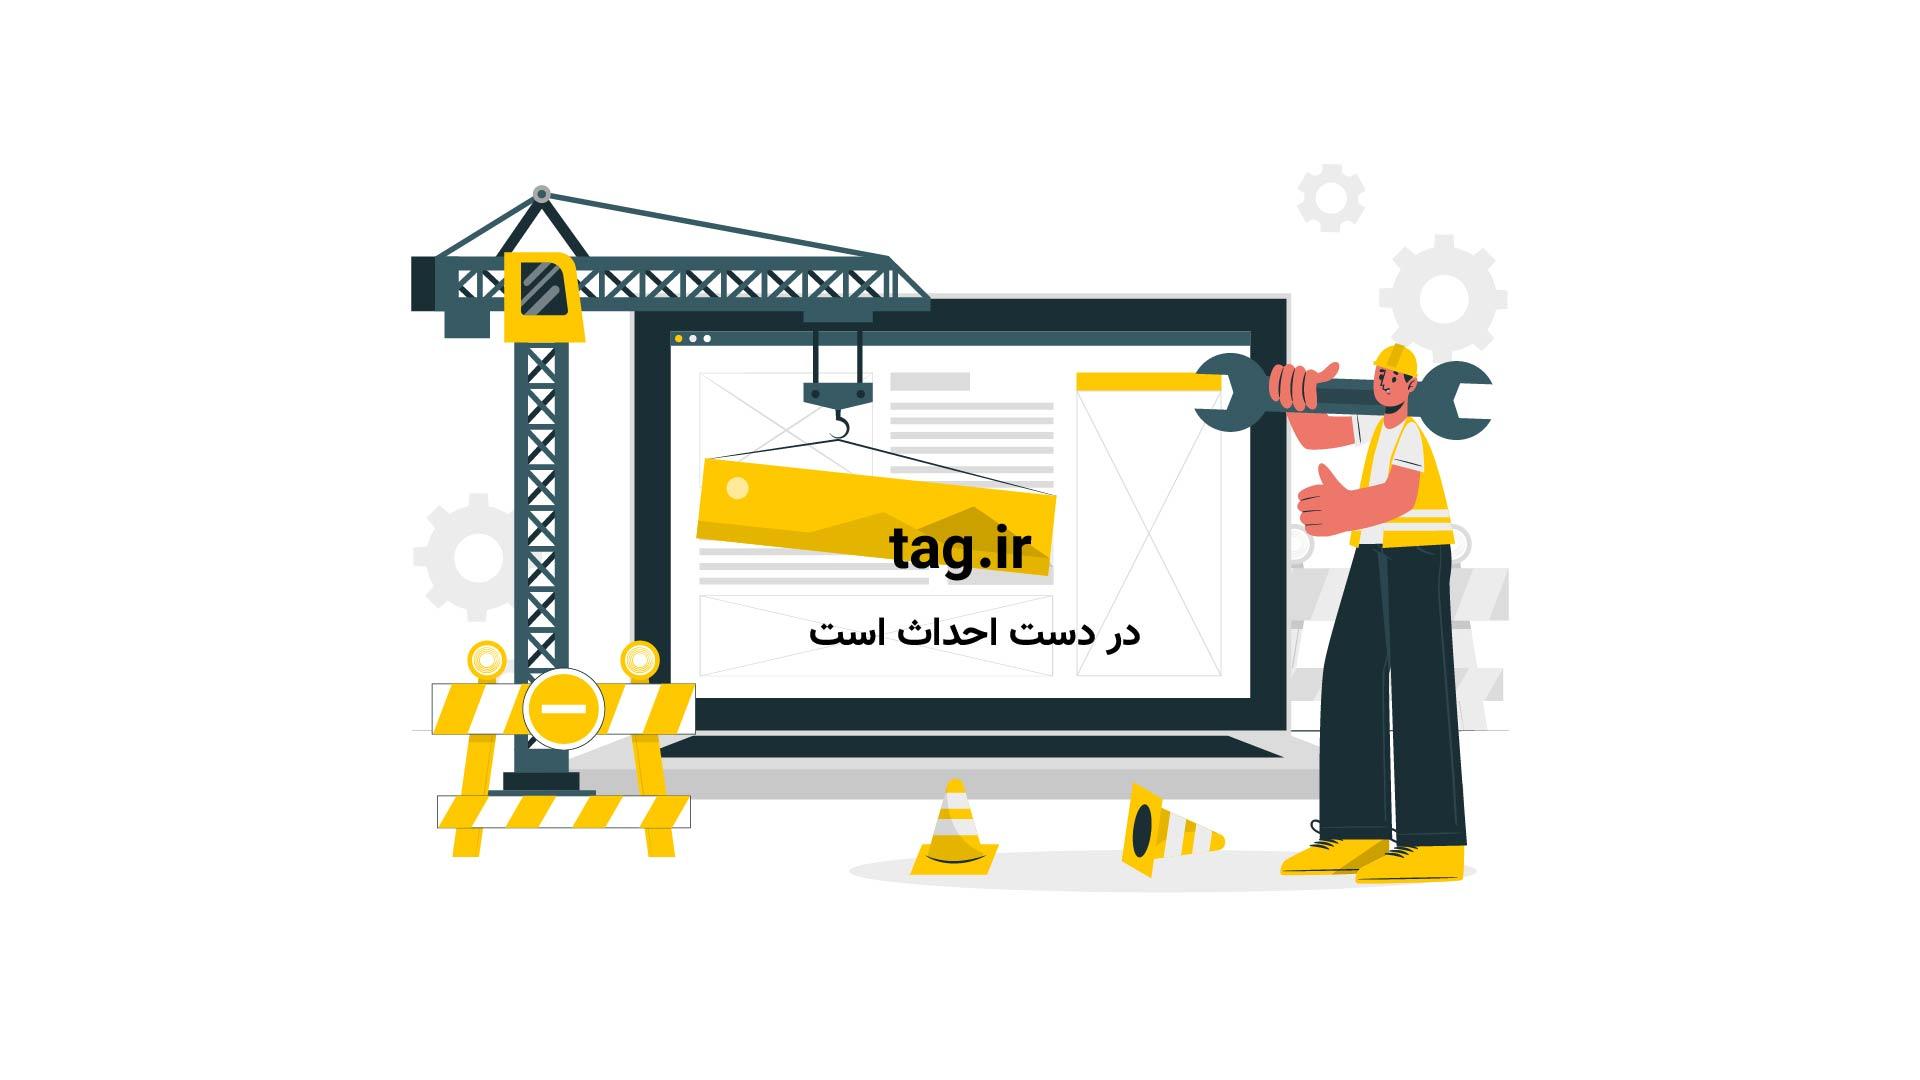 سقوط هواپیما | تگ